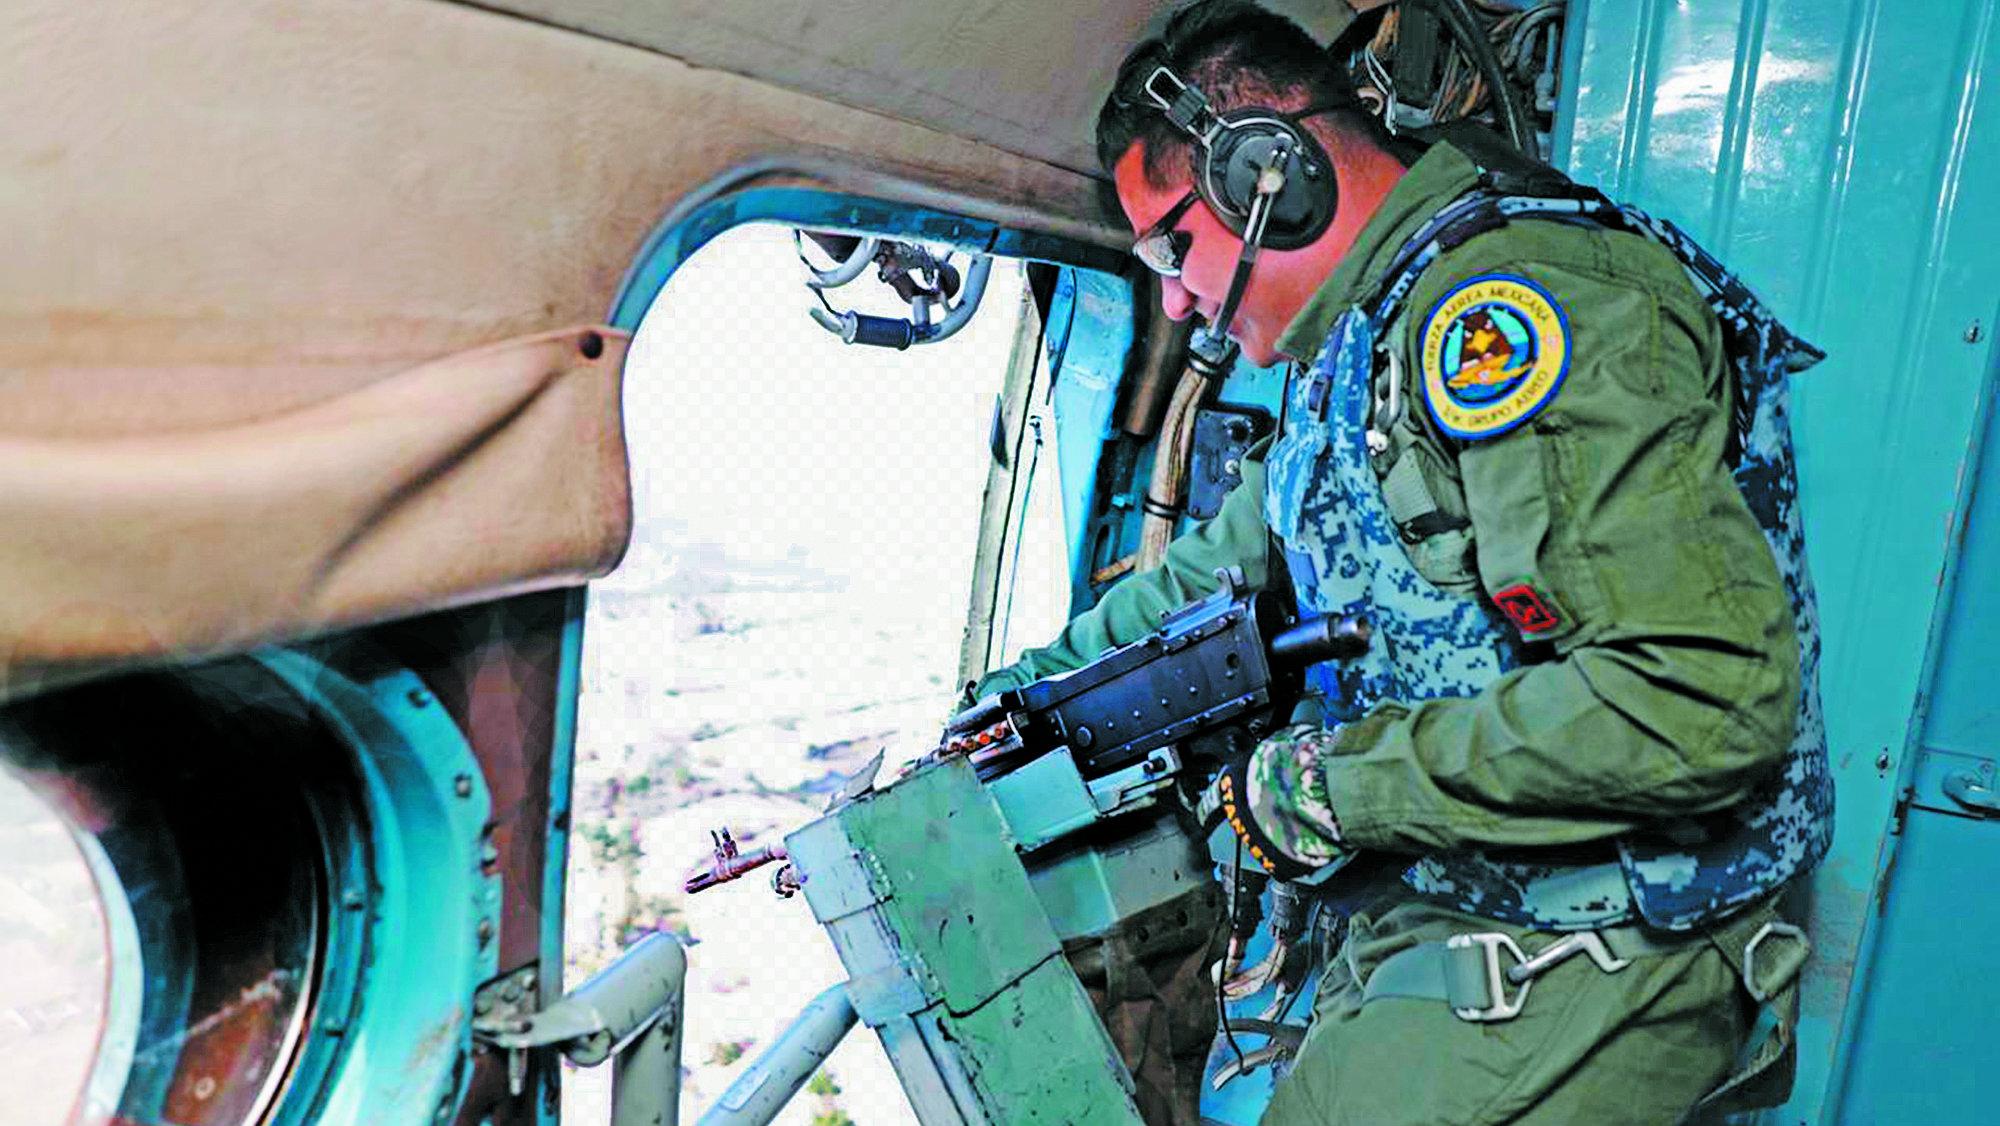 Aviones helicópteros usan turbosina robada México